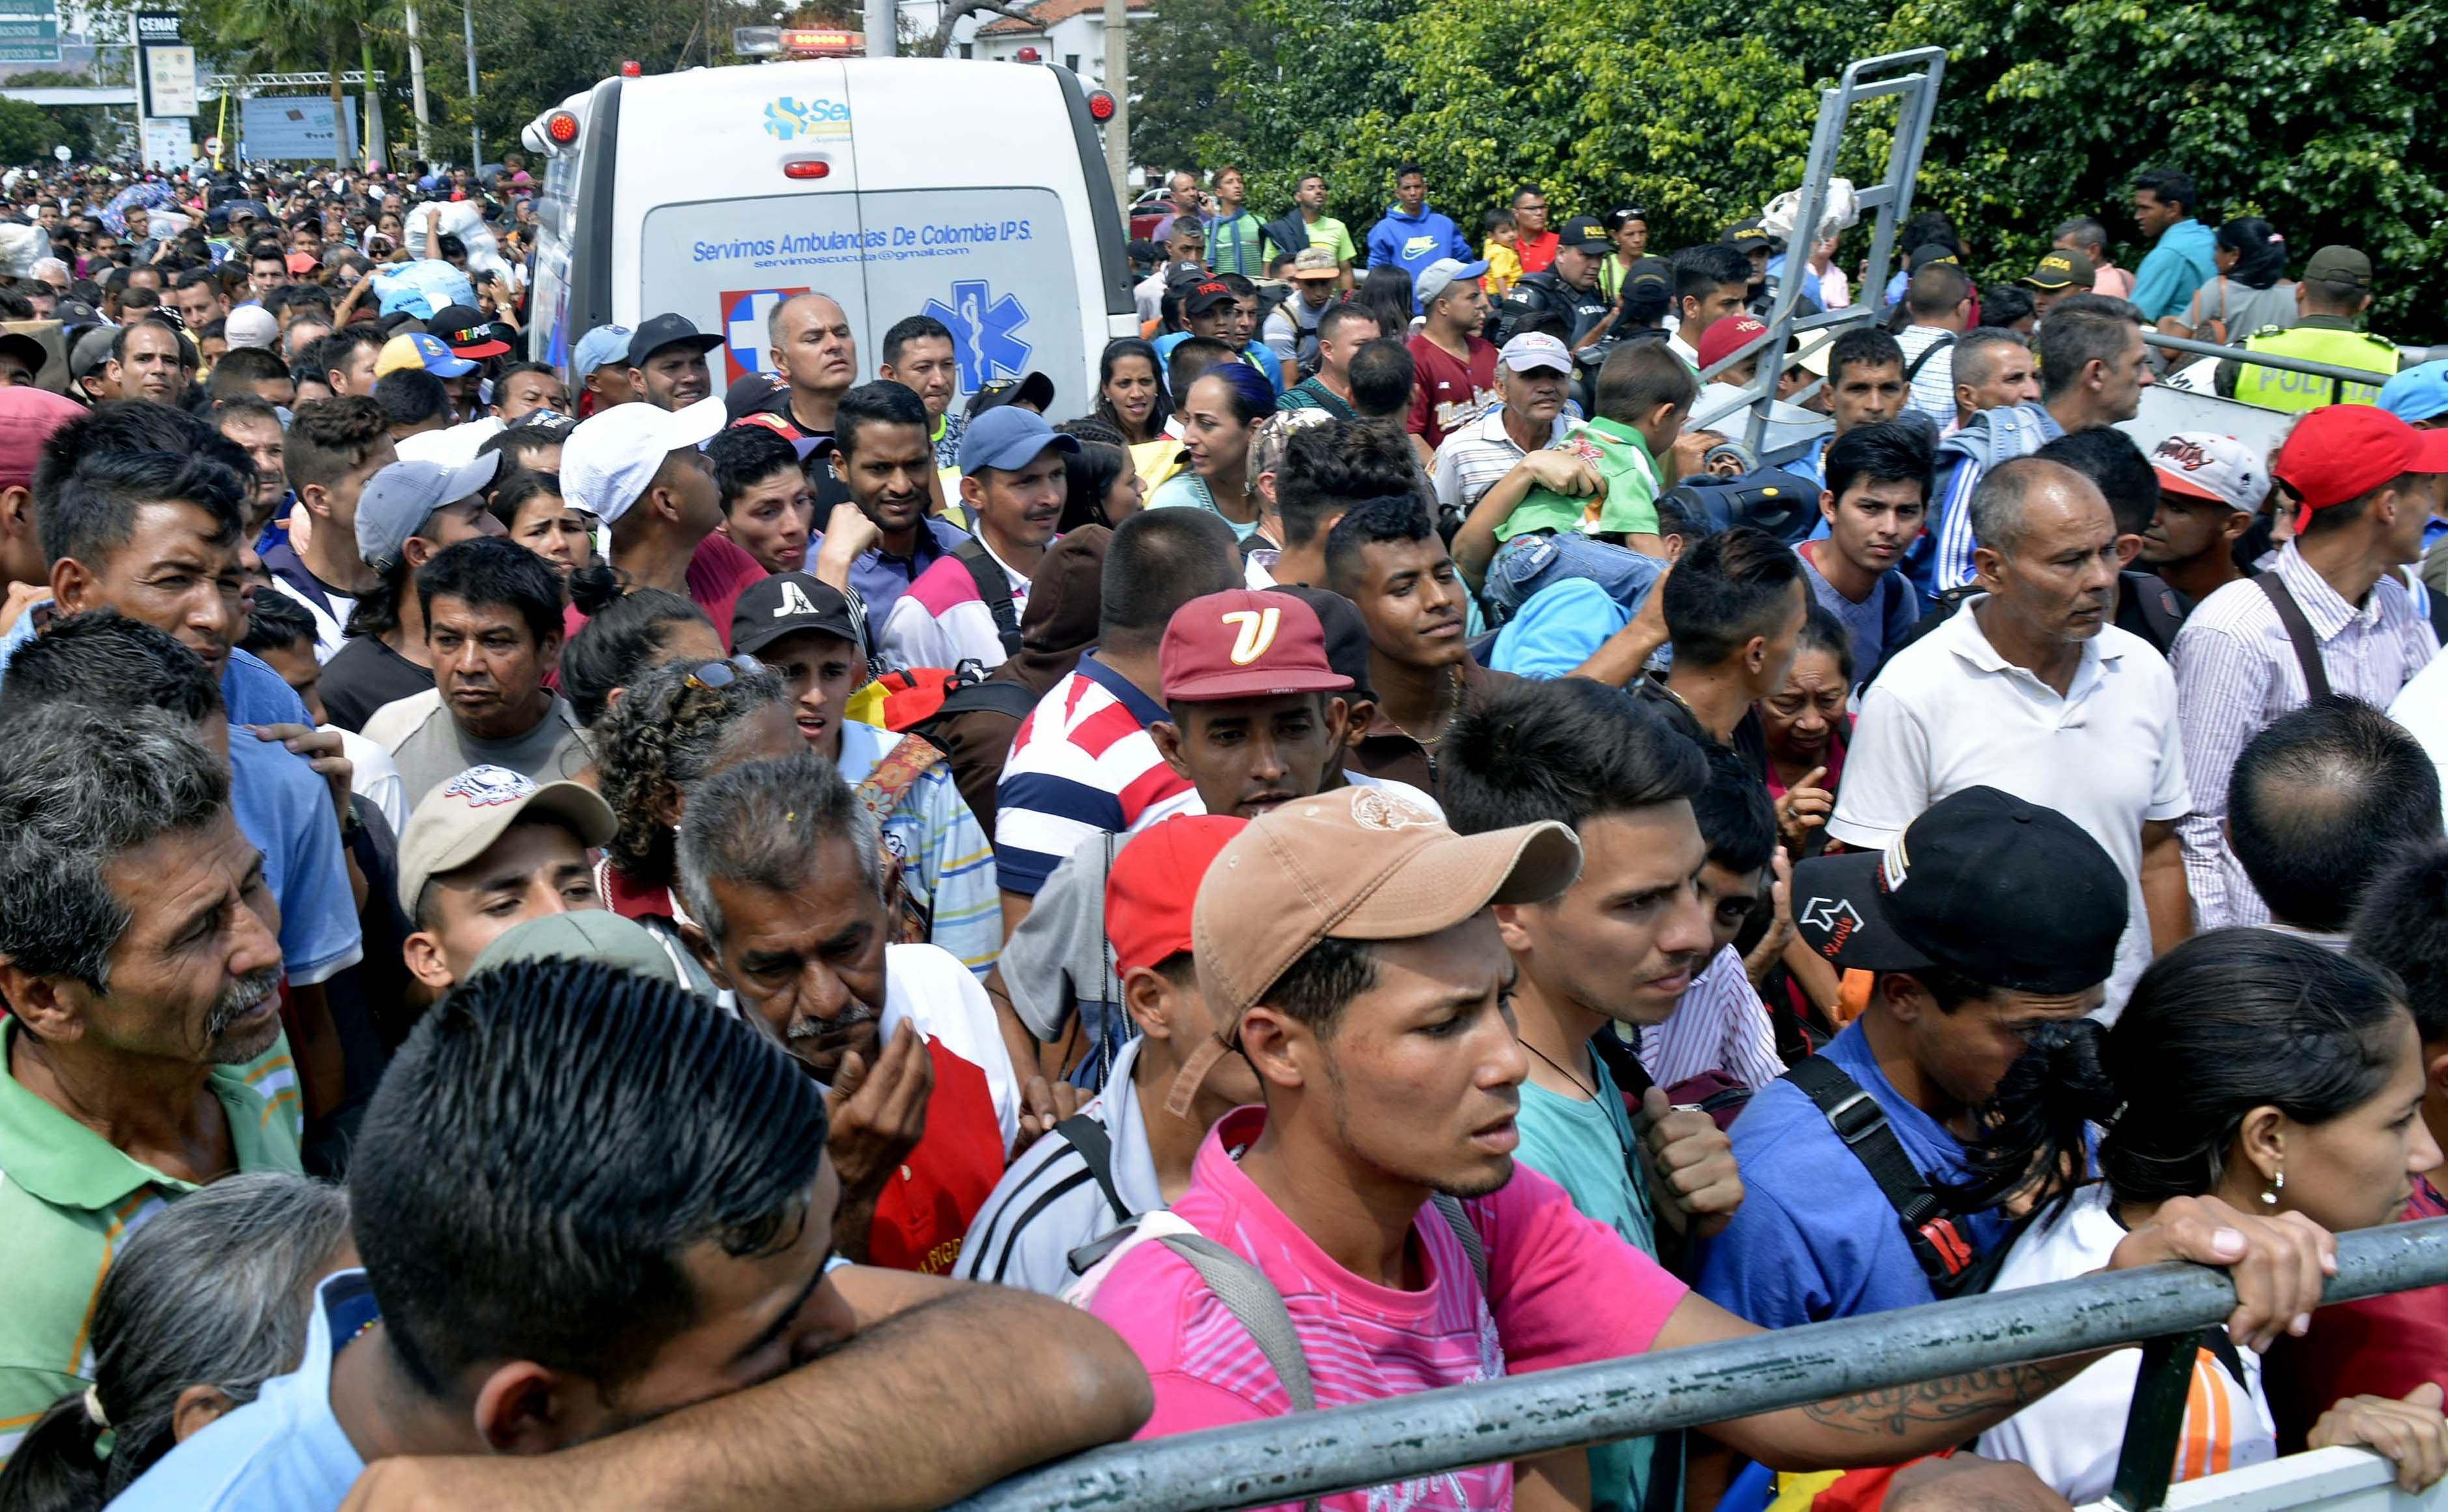 2018. február 9. Cucuta, Kolumbia. Venezuealiak ezrei próbálnak bejutni Kolumbiába, a cucutai átkelőnél, ahol szigorított határellenőrzést vezettek be.  EPA/Edinsson Figueroa/ HANDOUT